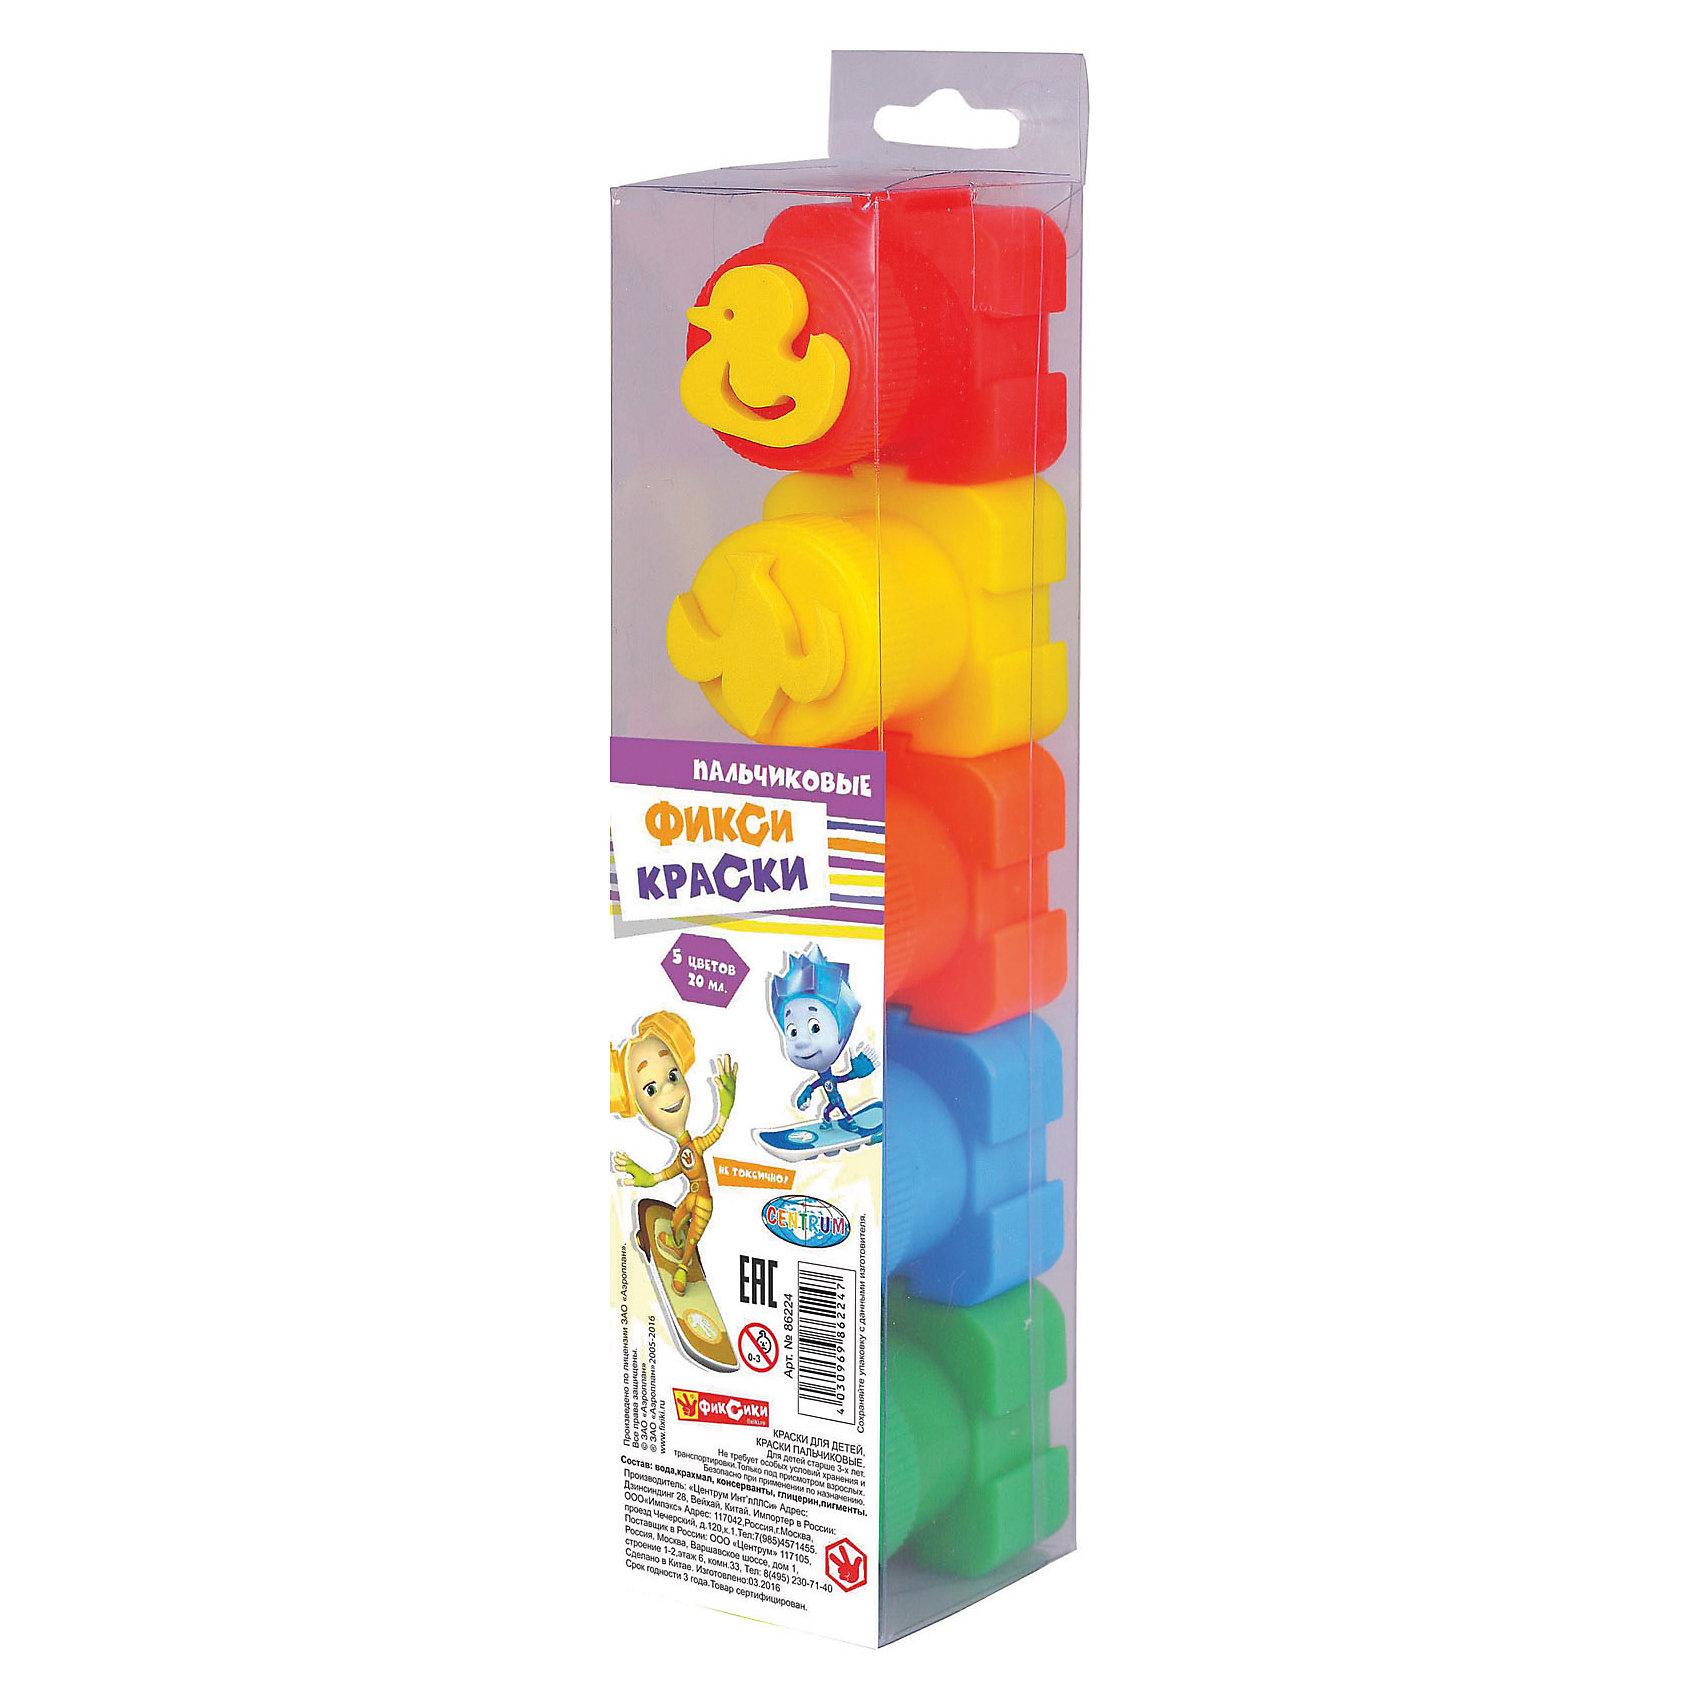 Пальчиковые краски Фиксики со штампами, 5 цветов *20 млПопулярные игрушки<br>Пальчиковые краски Фиксики со штампами, 5 цветов *20 мл, Centrum (Центрум)<br><br>Характеристики:<br><br>• яркие цвета<br>• безопасны для ребенка<br>• есть штампы<br>• в комплекте: краска 5 цветов (красный, оранжевый, желтый, зеленый, синий) по 20 мл<br>• размер упаковки: 24х4,5х5 см<br>• материал: полимер, краситель пластик<br><br>Рисование руками - очень интересное занятие, доступное даже малышам. Пальчиковые краски Фиксики понравятся каждому ребенку. В комплект входят не только 5 различных красок, но и штампы, с помощью которых ребенок сможет создать четкие красочные оттиски. Рисование красками развивает мелкую моторику, художественный вкус и усидчивость. Прекрасный подарок для маленьких художников!<br><br>Пальчиковые краски Фиксики со штампами, 5 цветов *20 мл, Centrum (Центрум) вы можете купить в нашем интернет-магазине.<br><br>Ширина мм: 50<br>Глубина мм: 40<br>Высота мм: 220<br>Вес г: 174<br>Возраст от месяцев: 36<br>Возраст до месяцев: 120<br>Пол: Унисекс<br>Возраст: Детский<br>SKU: 5175362